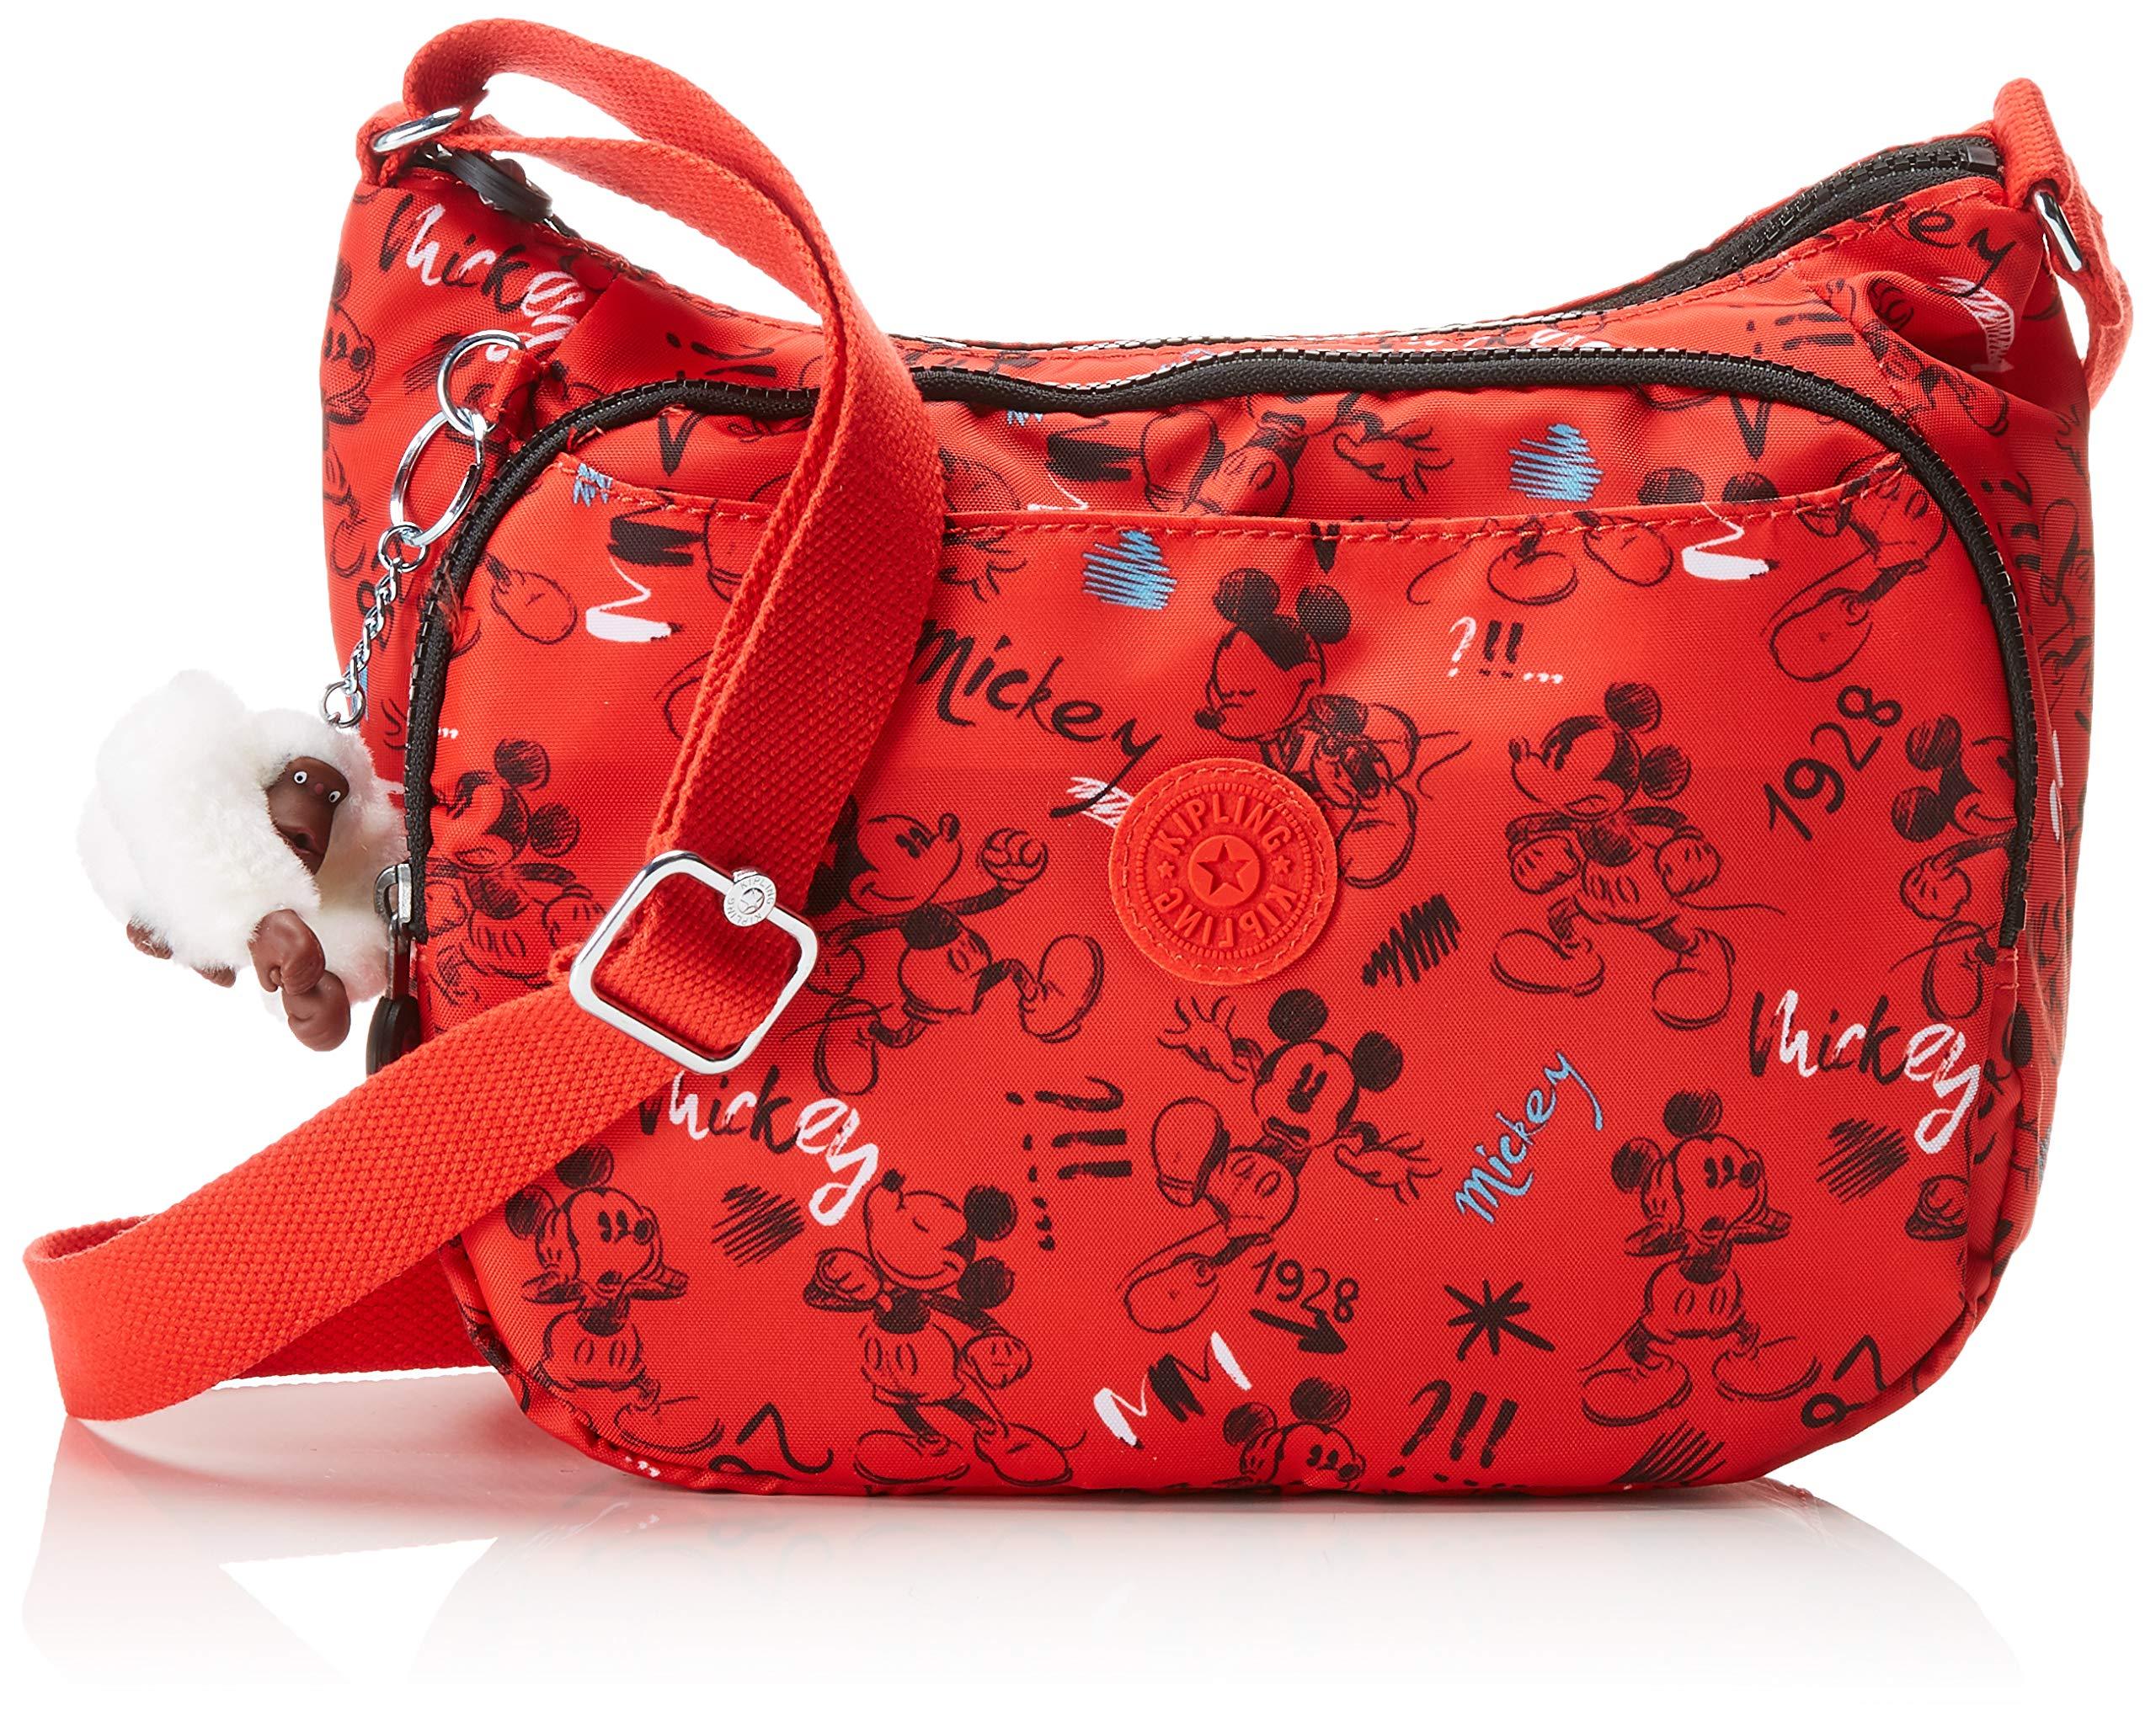 FemmeMulticoloresketch Kipling CaiSacs D Red Bandoulière qSVzMUGp